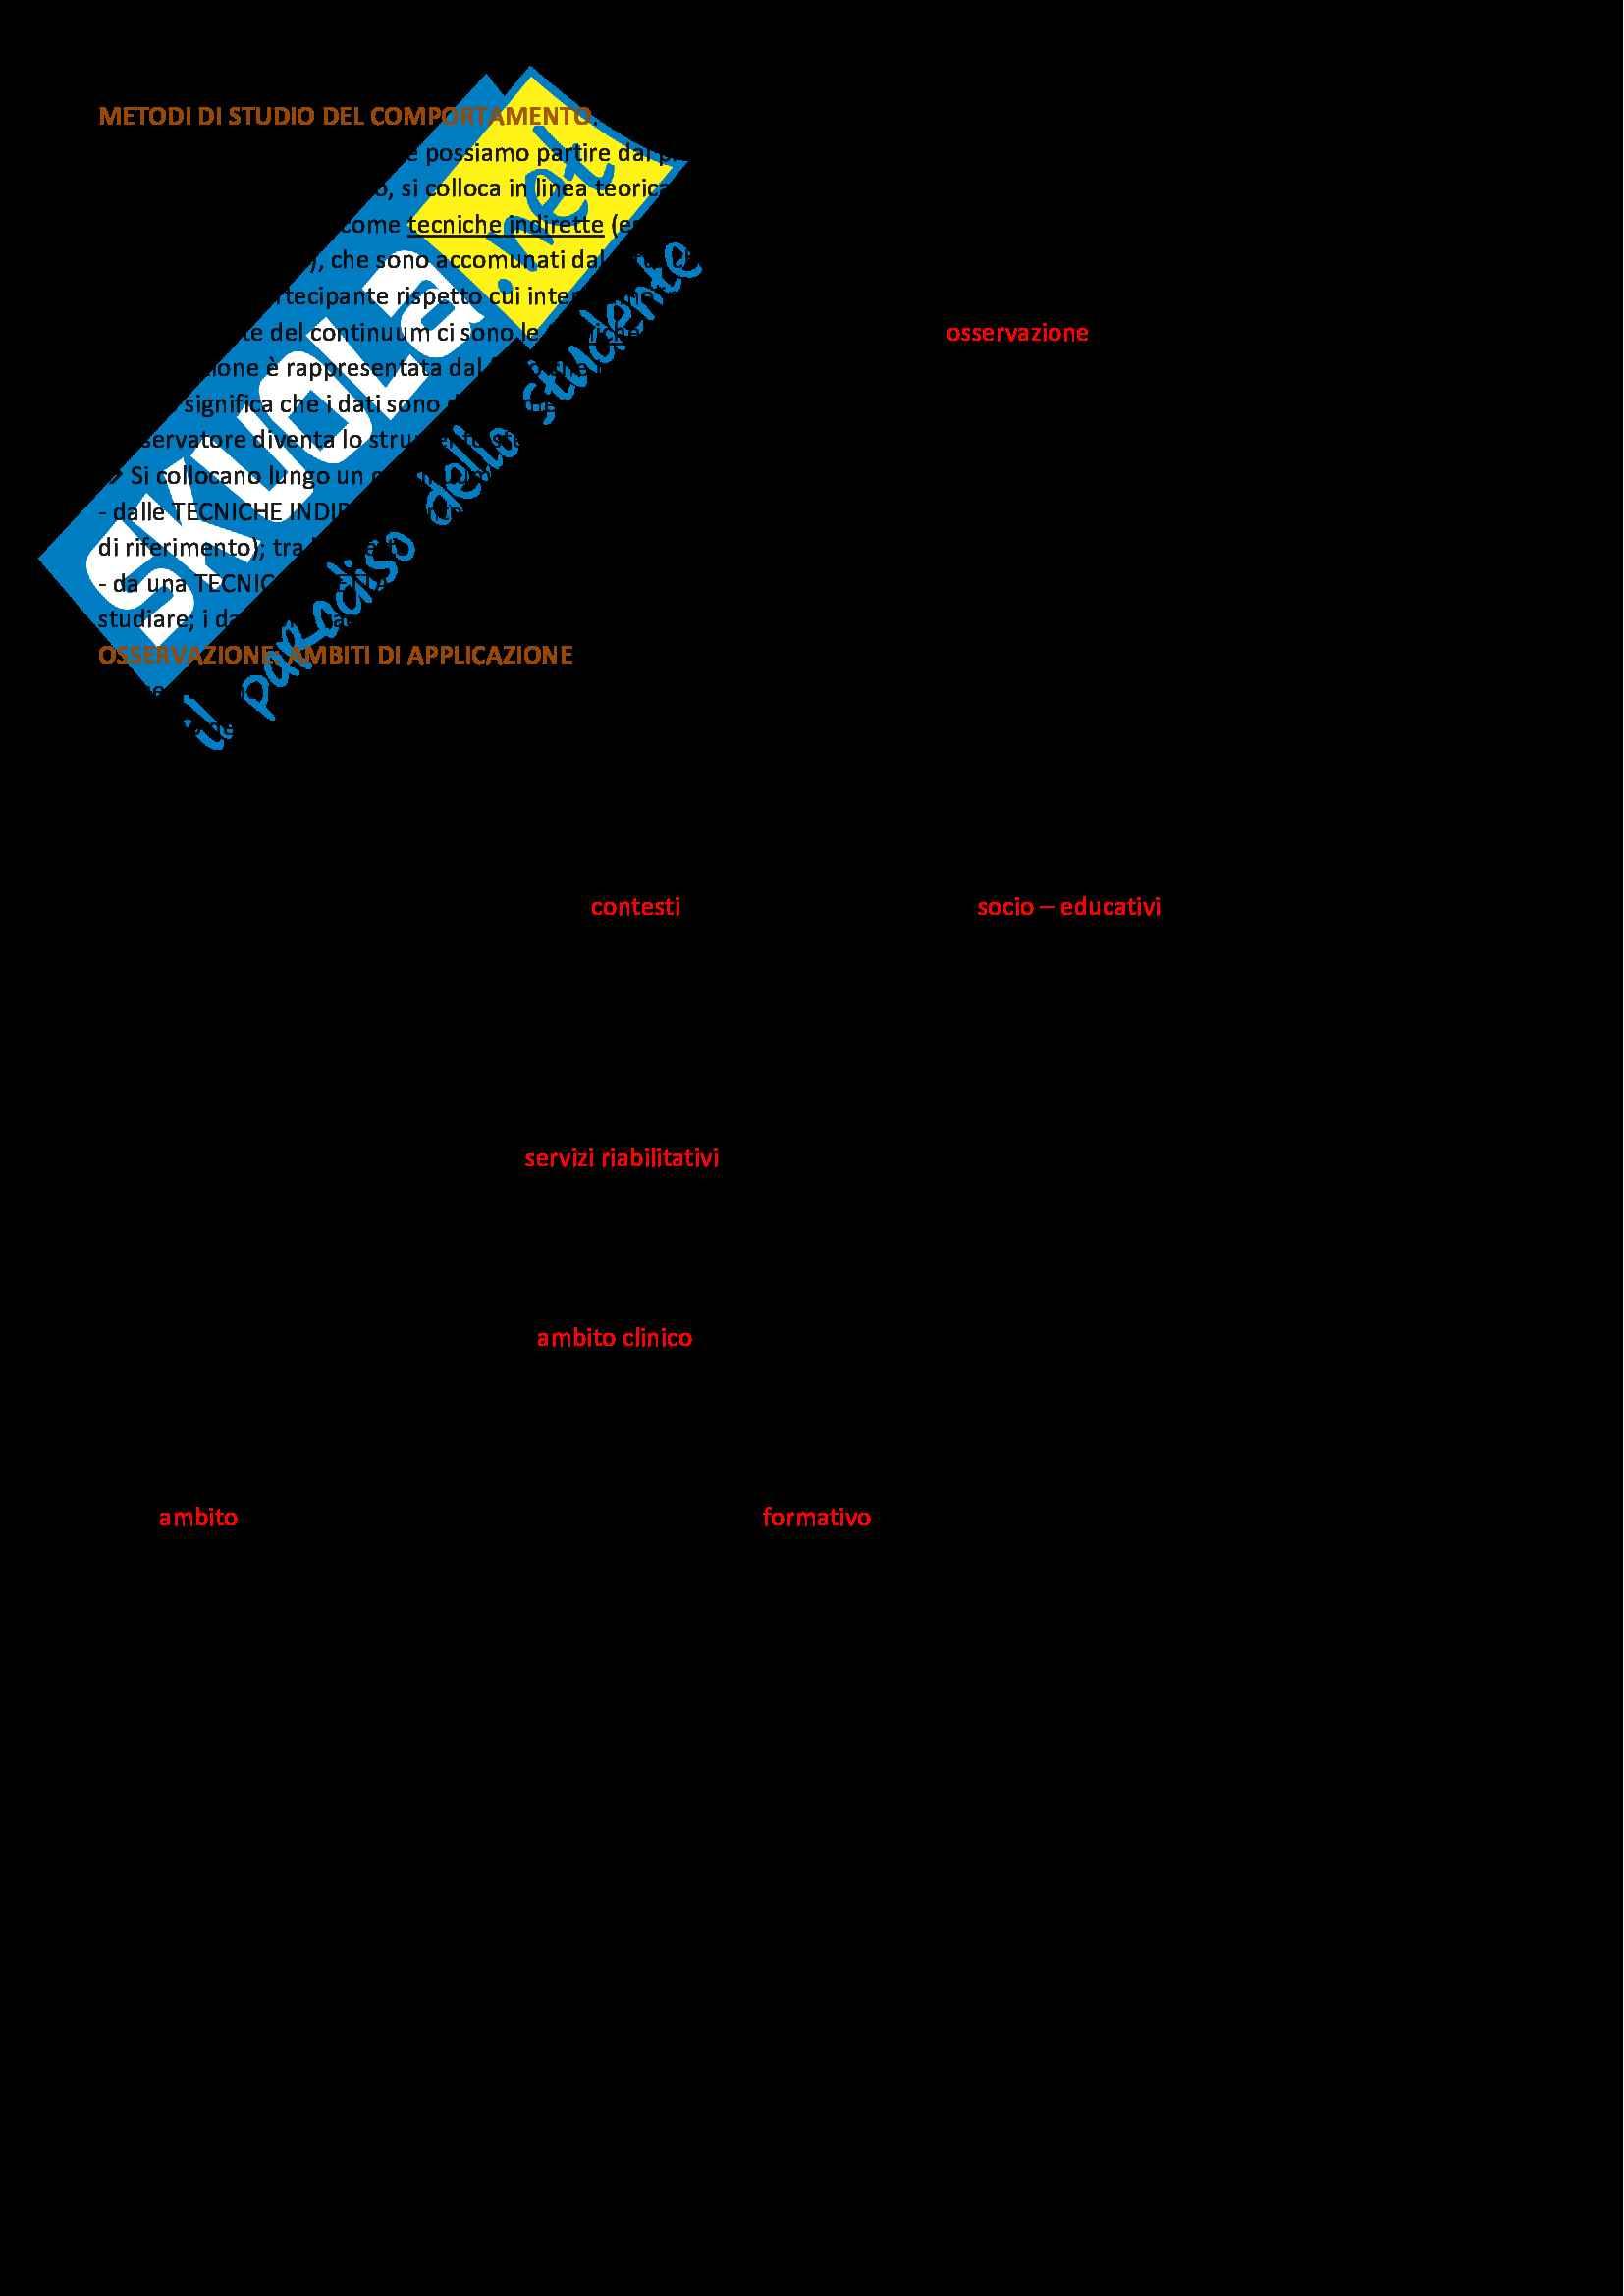 Riassunto esame valutazione in psicologia dello sviluppo, prof Salerni, libro consigliato manuale di psicologia dello sviluppo (Barone), sperimentazione e alternative di ricerca D'Odorico; osservare i bambini: tecniche ed esercizi, Cassibba, Salerno